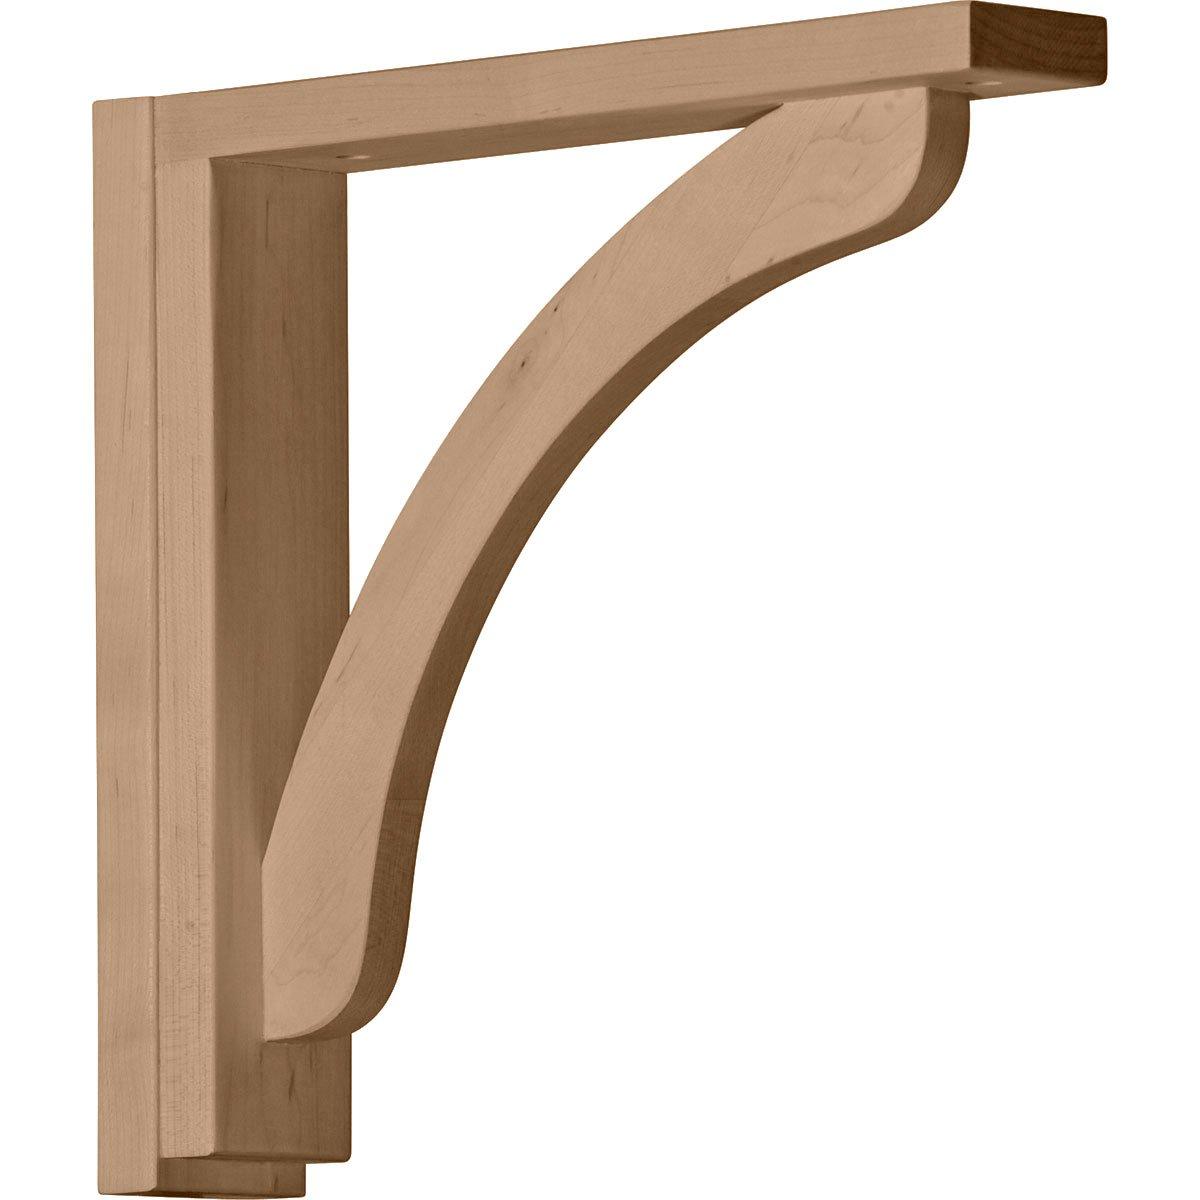 Ekena Millwork BKT02X12X12RERW-CASE-2 2 1/2 inch W x 12 3/4 inch D x 12 1/4 inch H Reece Shelf Bracket, Rubberwood (2-Pack),